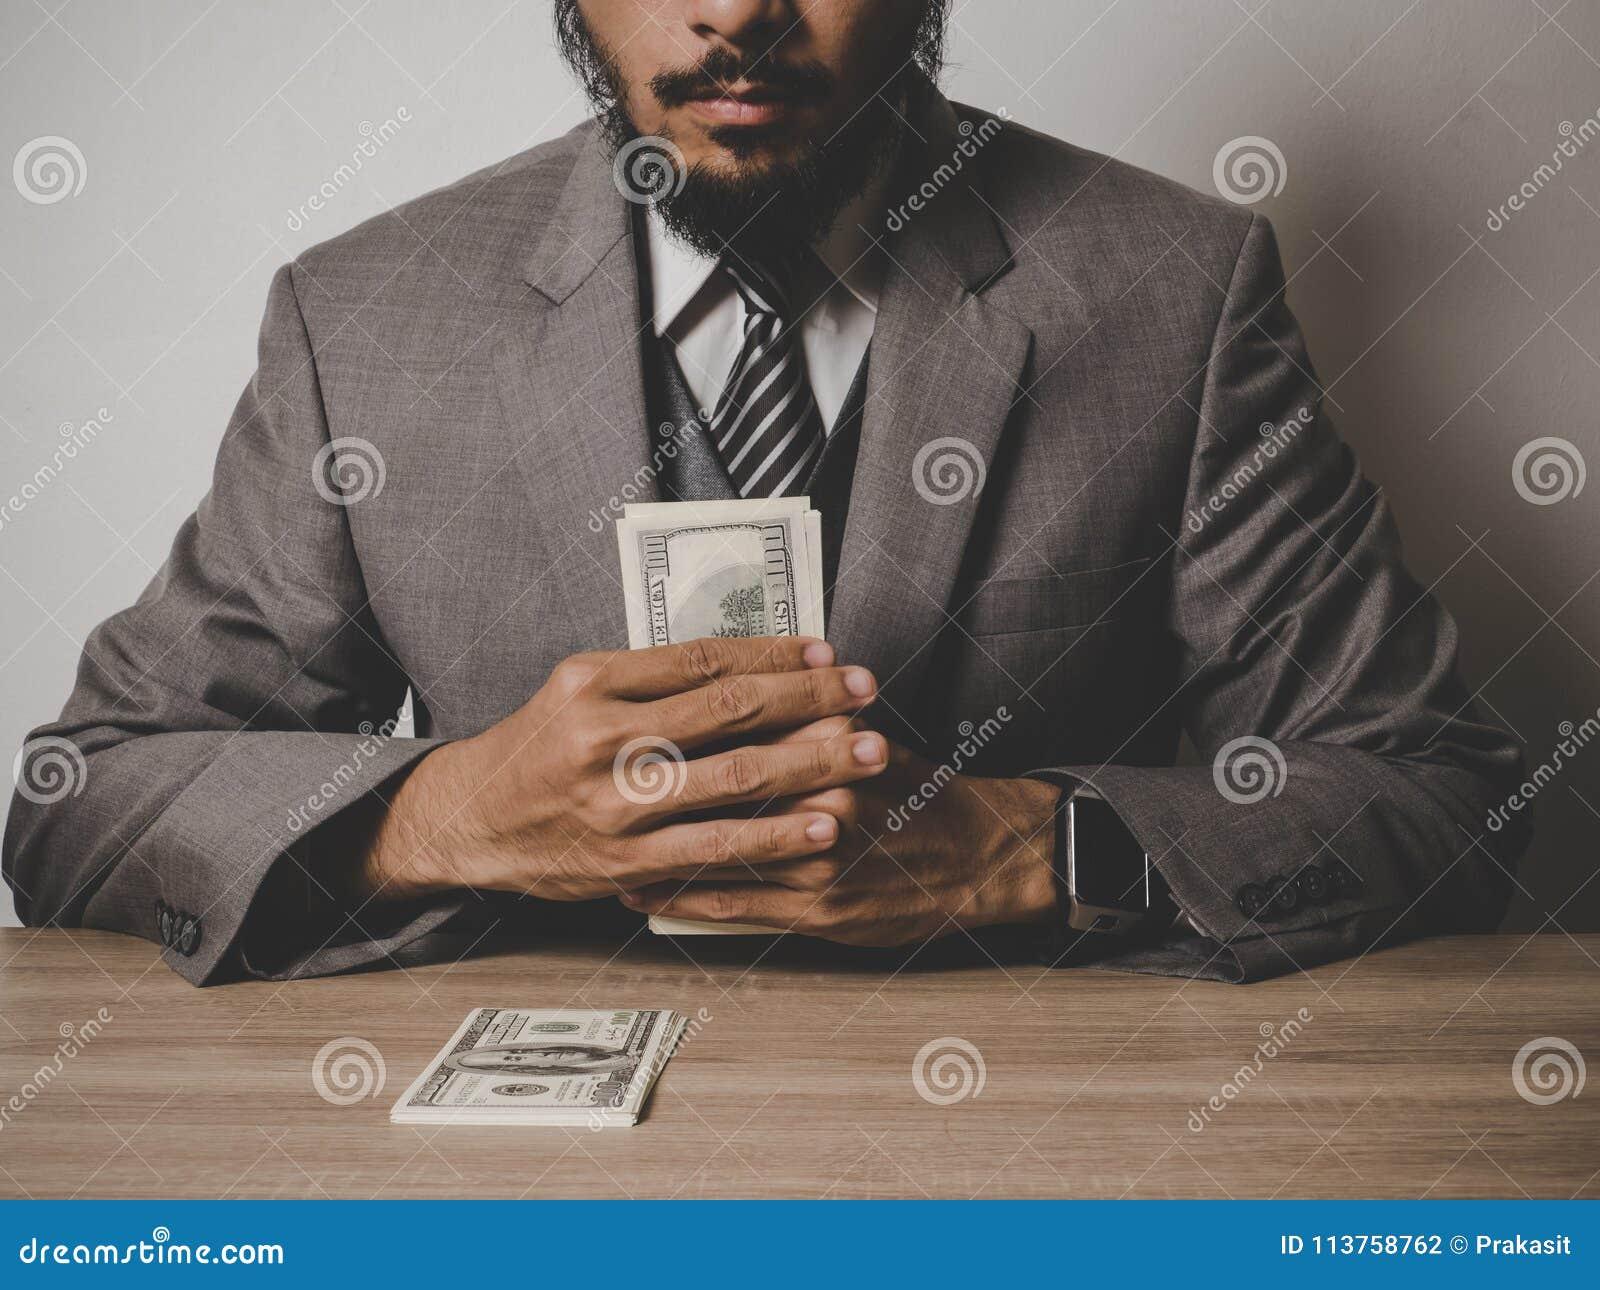 Επιχειρηματίας ευχαριστημένος από πολύ τραπεζογραμμάτιο δολαρίων, επιχειρησιακή επιτυχία ομο